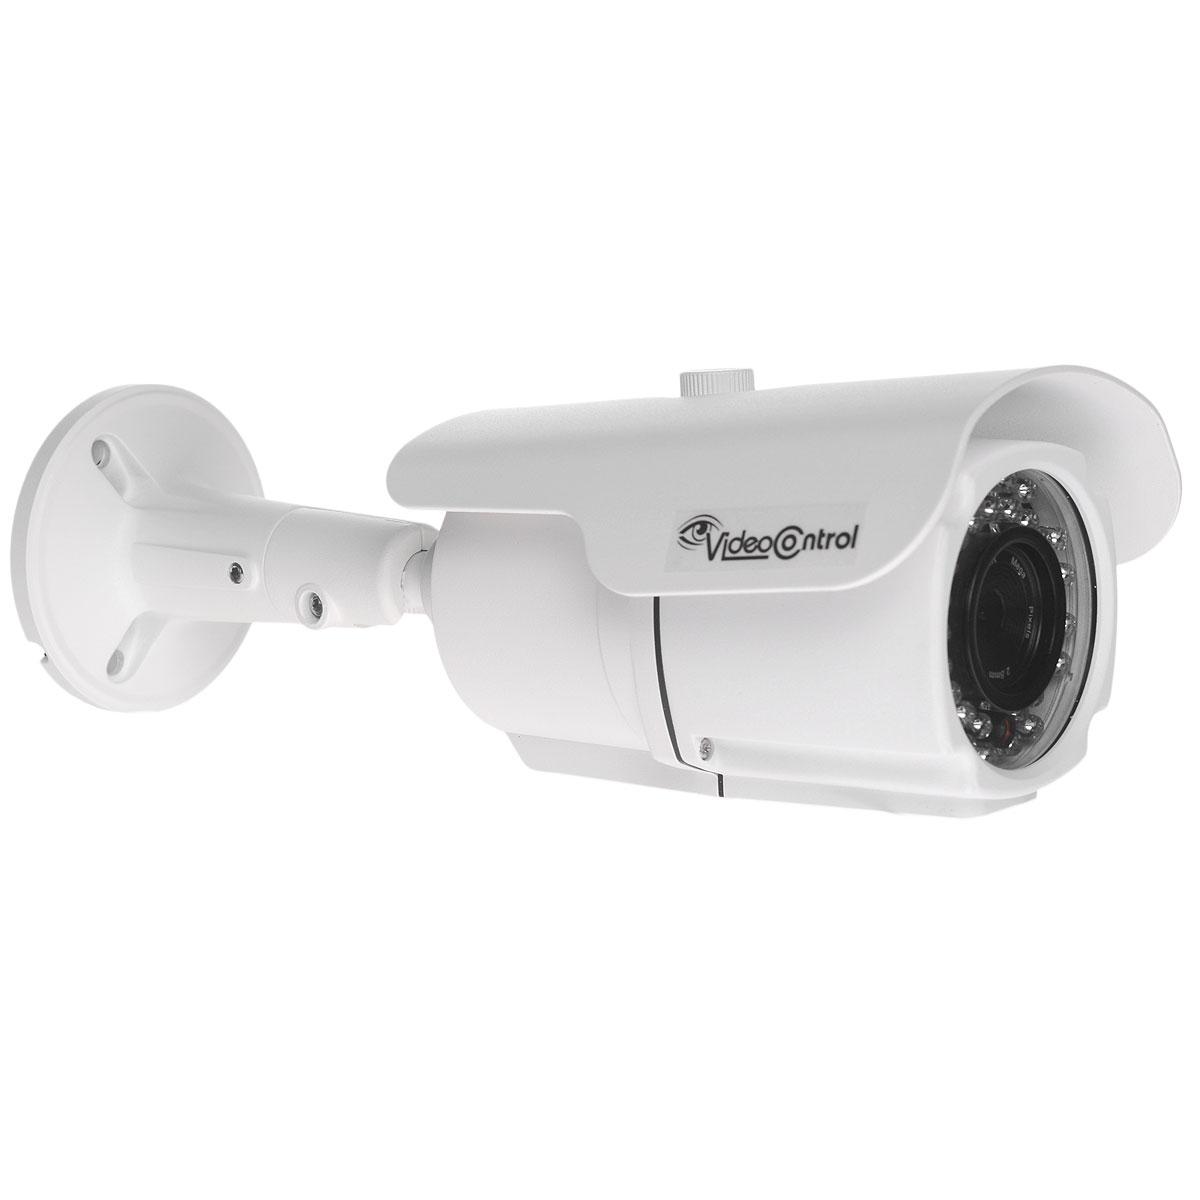 Video Control VC-IR81520IPA-P IP камера видеонаблюденияVC-IR81520IPA-PАнтивандальная цветная уличная всепогодная IP видеокамера высокого разрешения Video Control VC- IR81520IPA-P предназначена для использования на улице и в помещении, например, дача, улица, подъезд, склад, ангар, офис. С помощью уличной сетевой камеры вы быстро сможете установить видеонаблюдение за любым объектом из любой точки мира. Используя возможность удаленного подключения к данной камере через браузер (Internet Explorer, Safari, Google Chrome, Firefox). Вы можете просматривать и записывать все, что происходит в другом помещении с любого устройства, будь то компьютер, телефон, планшет. В данной IP- камере реализована поддержка практически всех мобильных платформ - IPhone, Ipad, Android, Blackberry, Symbiam и т.д. Video Control VC-IR81520IPA-P поддерживает ONVIF протокол, что позволяет использовать камеру в комбинации с любыми совместимыми сетевыми камерами, видеорегистраторами, системами управления. Сетевая камера оборудована высококачественным объективом...